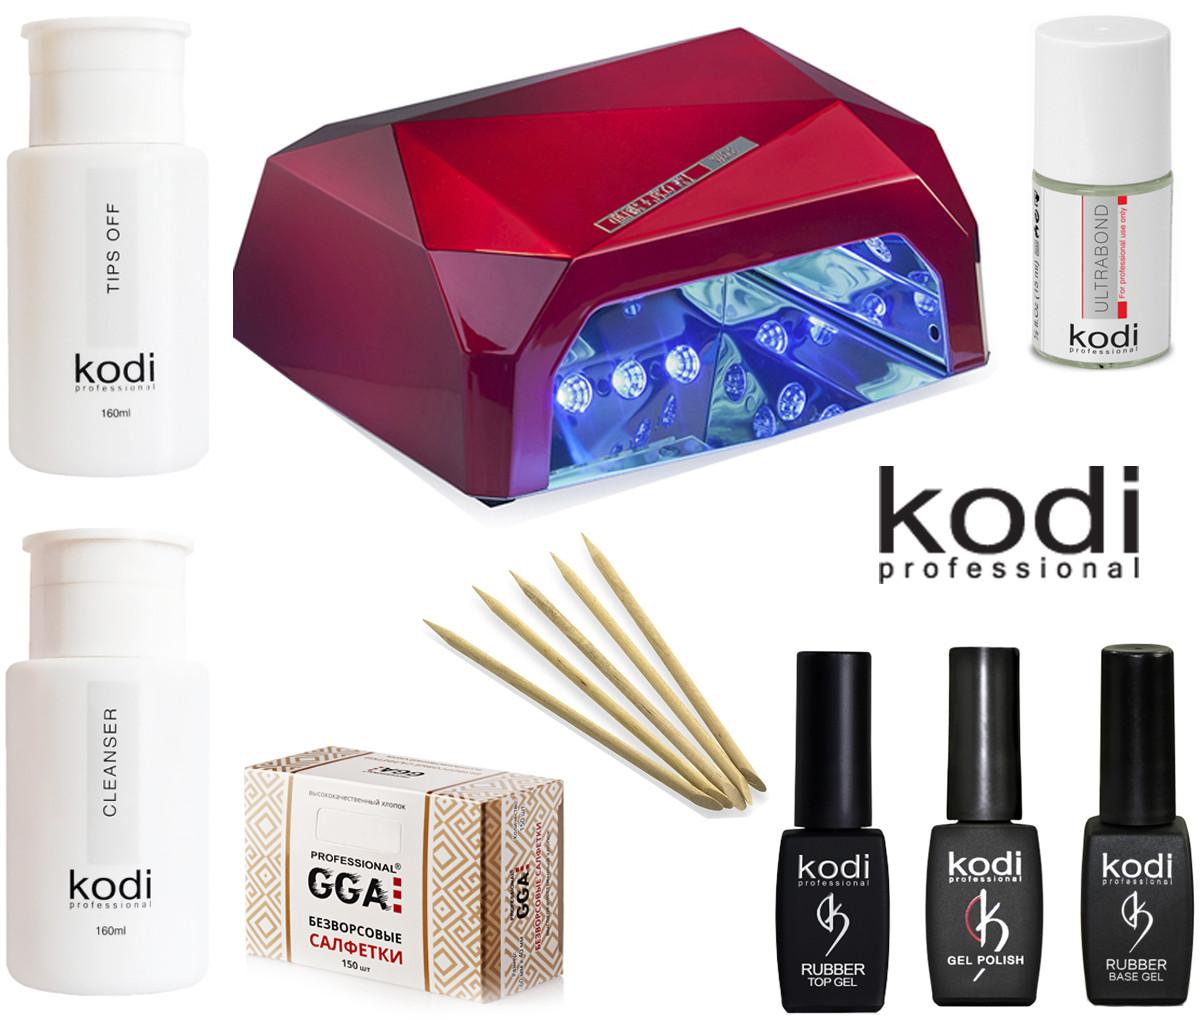 Старт набор гель лаков Kodi c Гибридной лампой